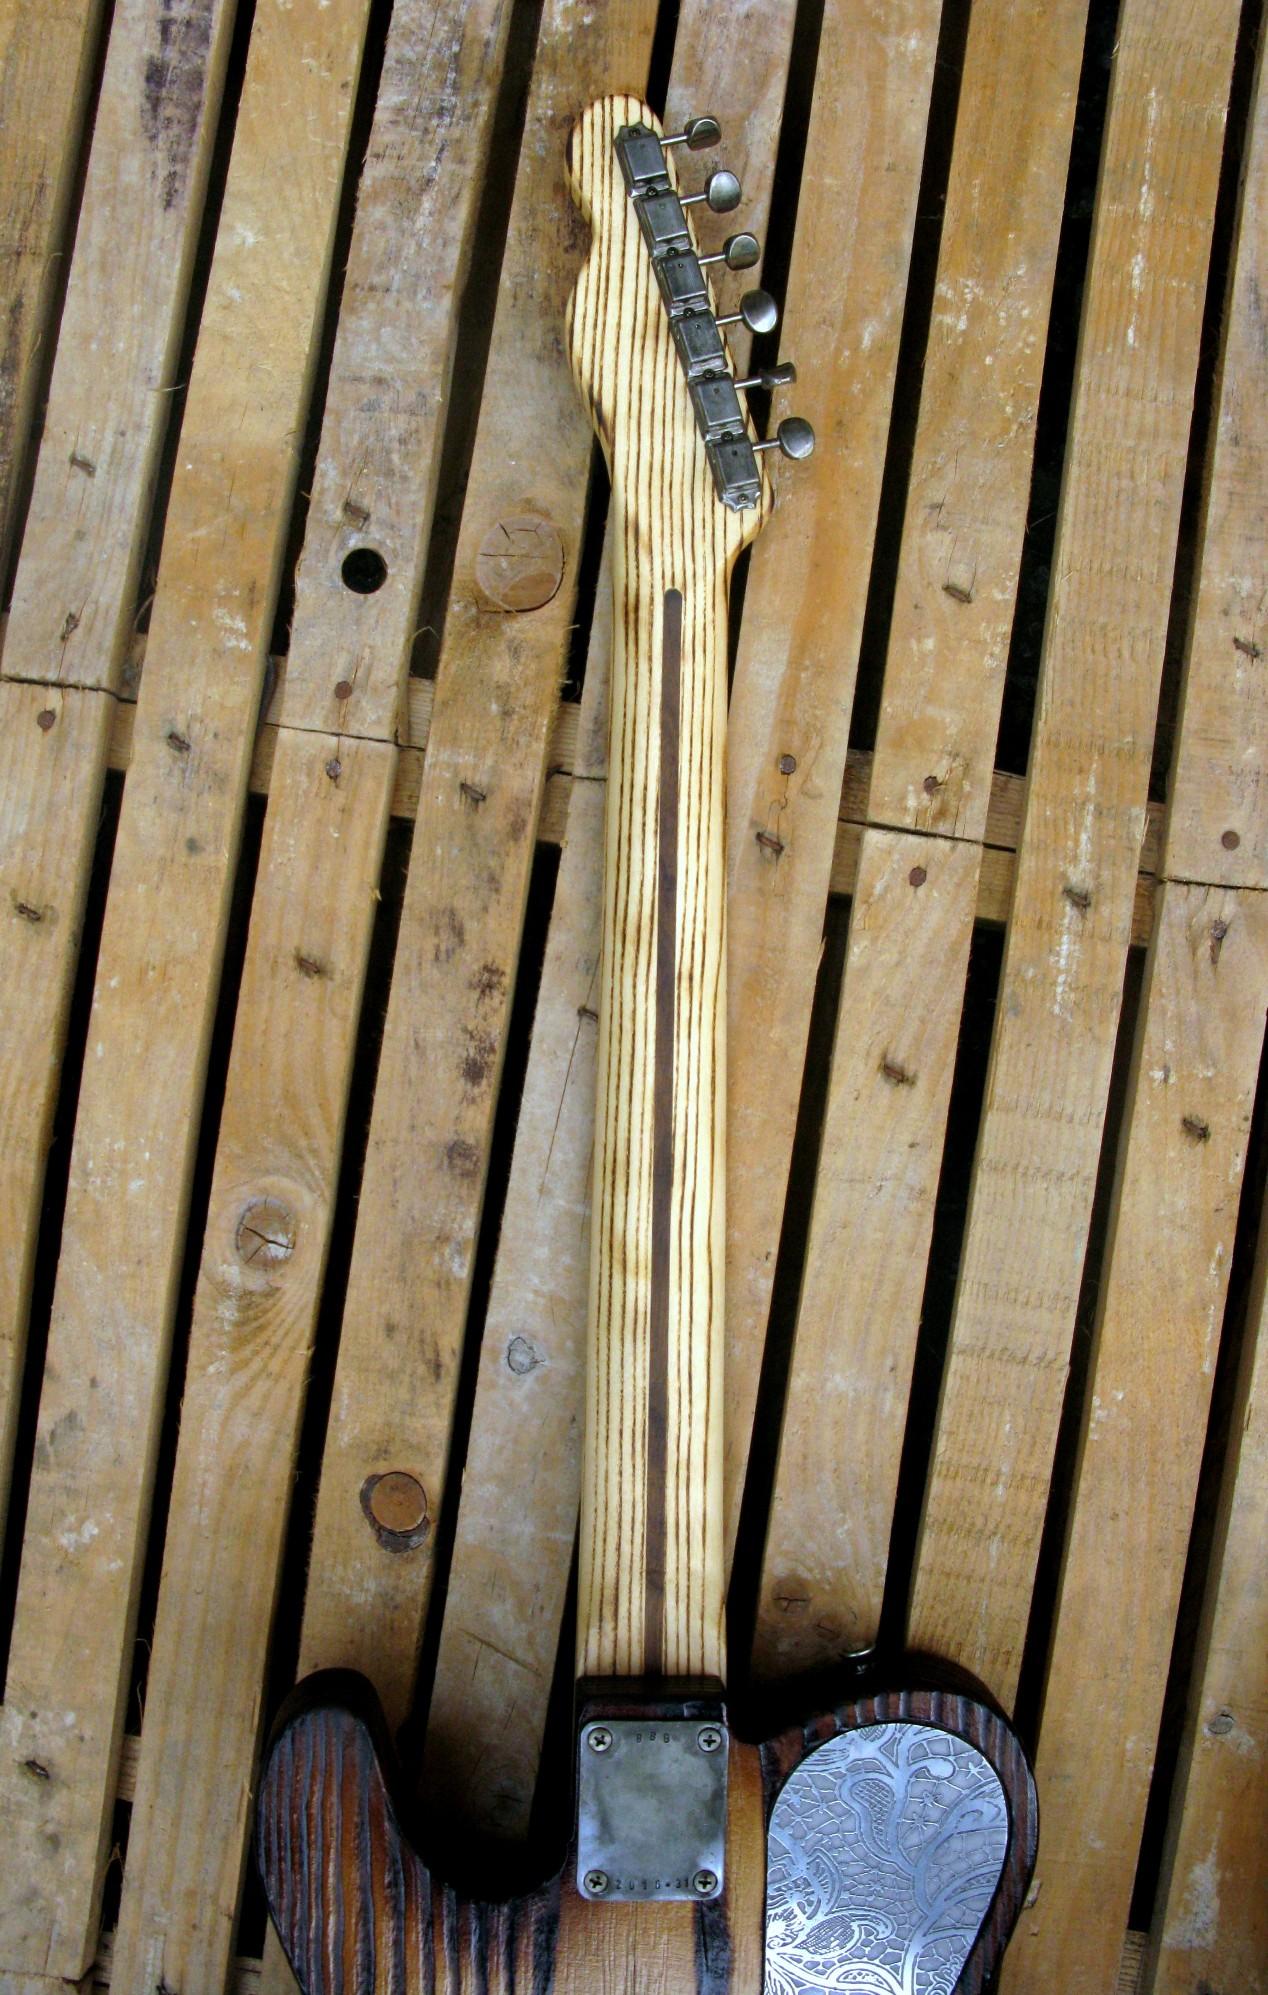 Chitarra elettrica Telecaster in pino e frassino: retro manico